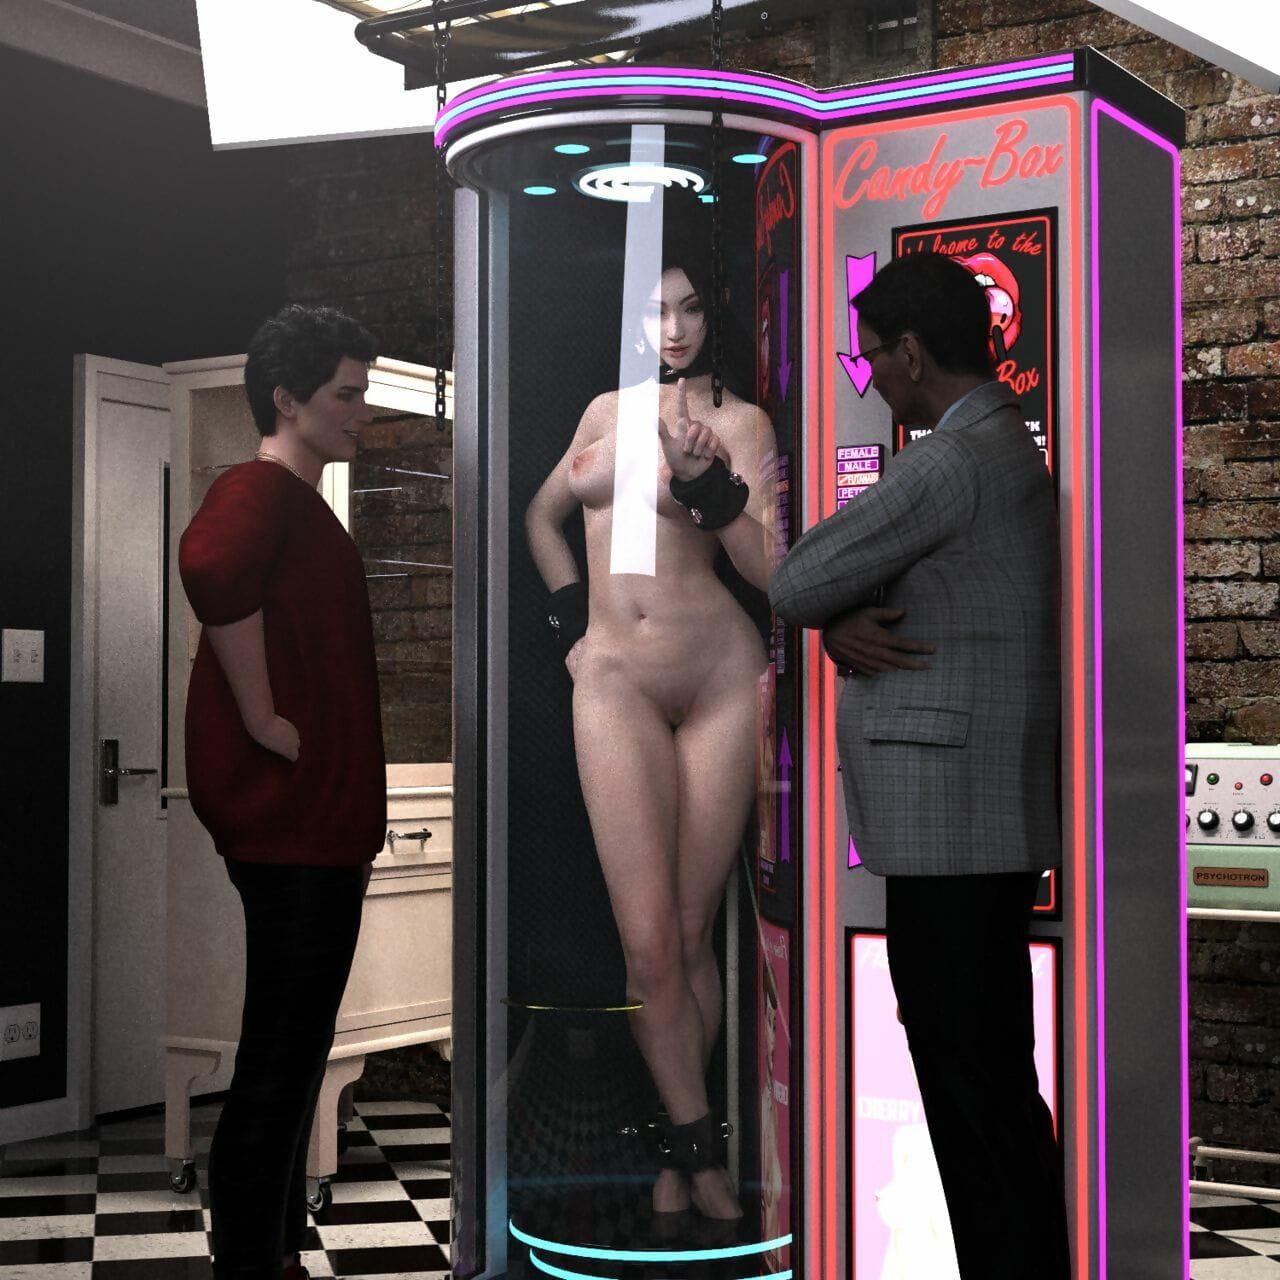 Kazaha Magnificent girl- naked- detention- brainwashing- imprisonment- revile buckshot amassing - faithfulness 3